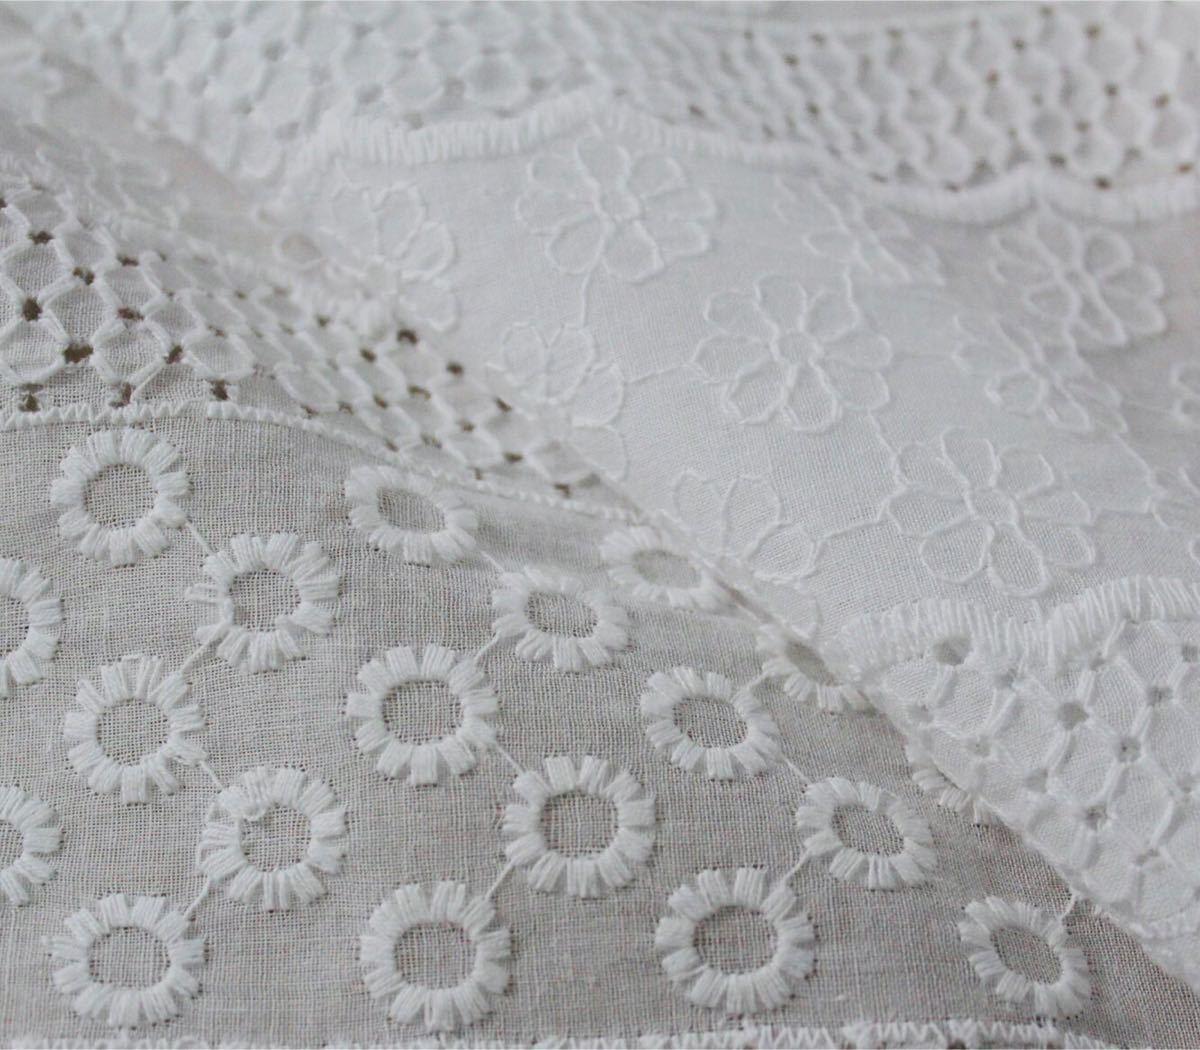 綿刺繍生地 コットン刺繍生地 綿レース生地 綿刺繍レース生地 コットンレース生地